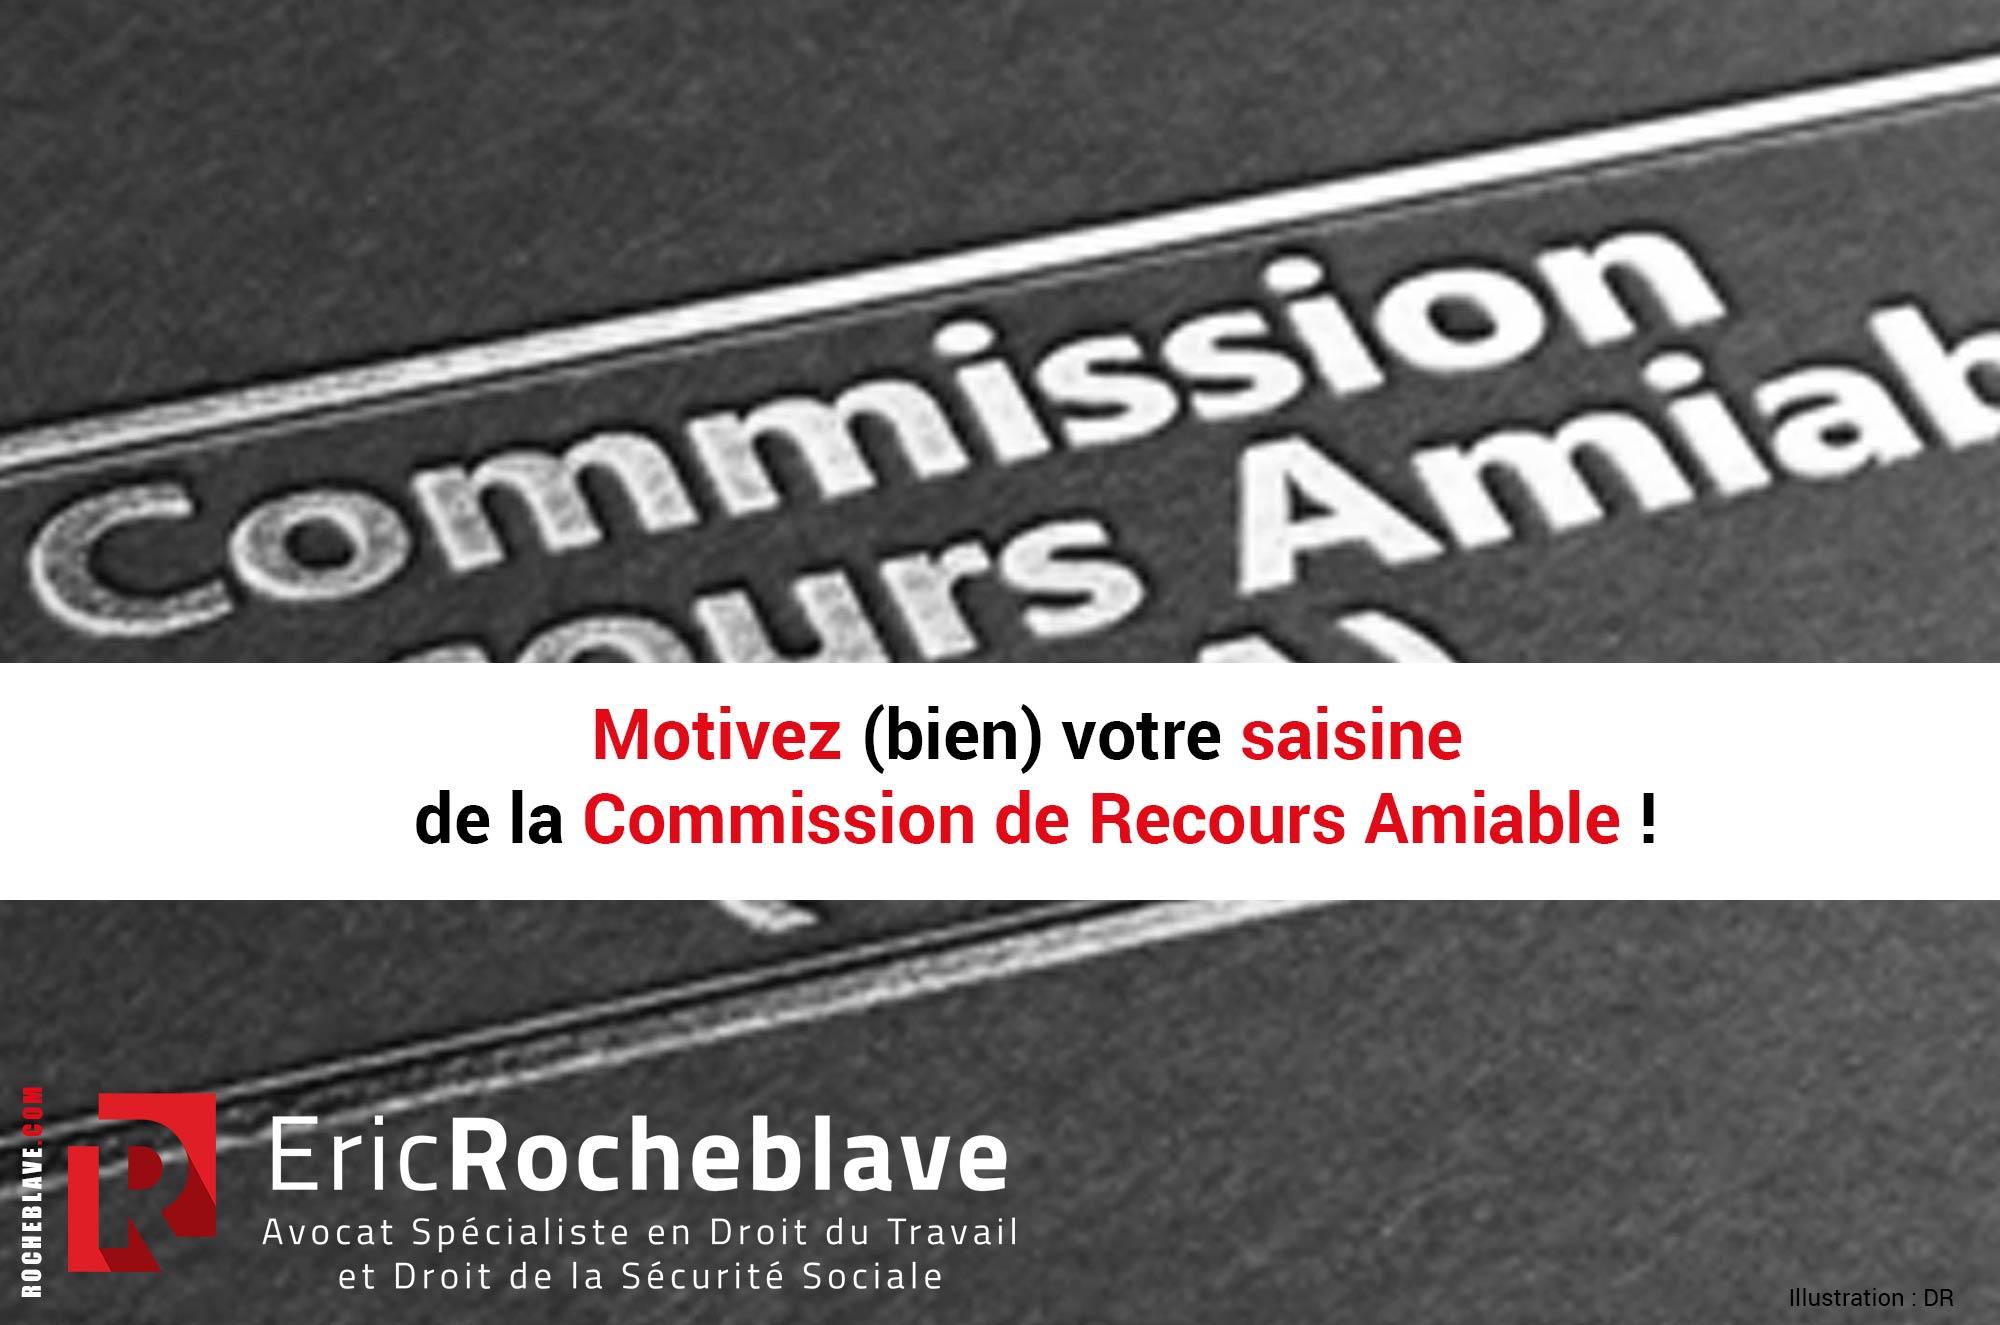 Motivez (bien) votre saisine de la Commission de Recours Amiable !